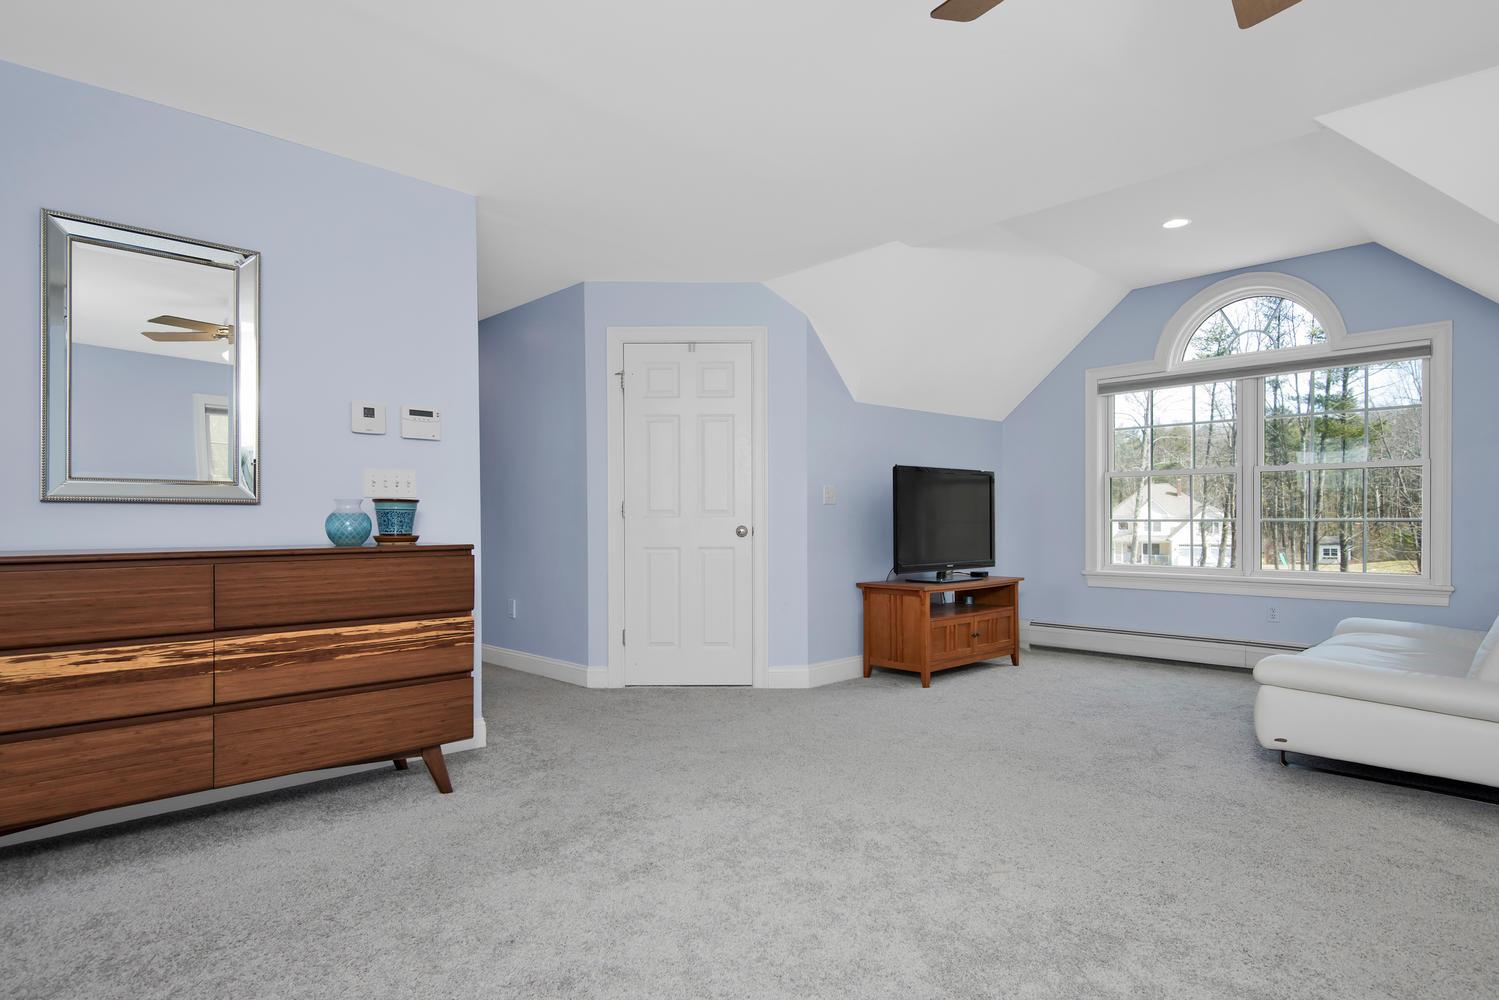 32 Mountview Dr Gorham ME-large-032-32-Master Bedroom-1499x1000-72dpi_1.jpg